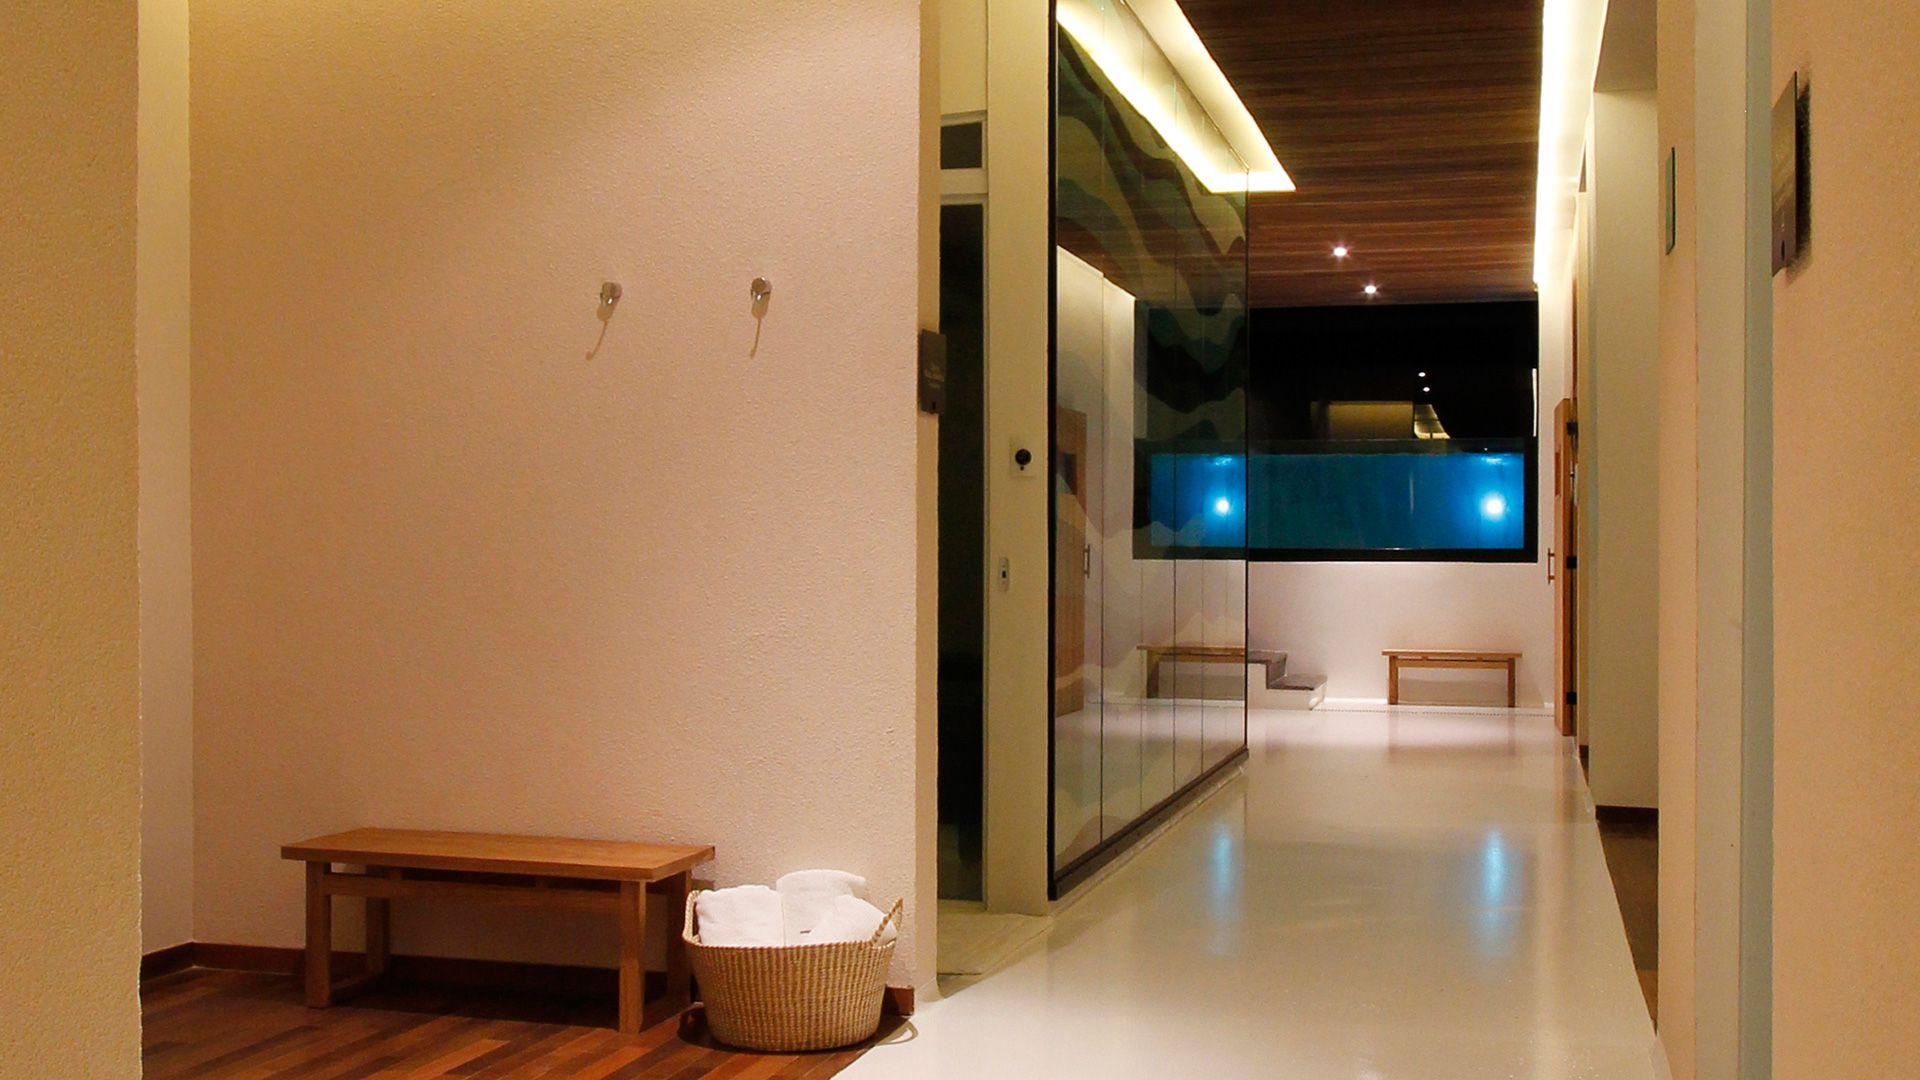 8-spa-hotel-botanique-foto-corredor-com-piscina-ao-fundo